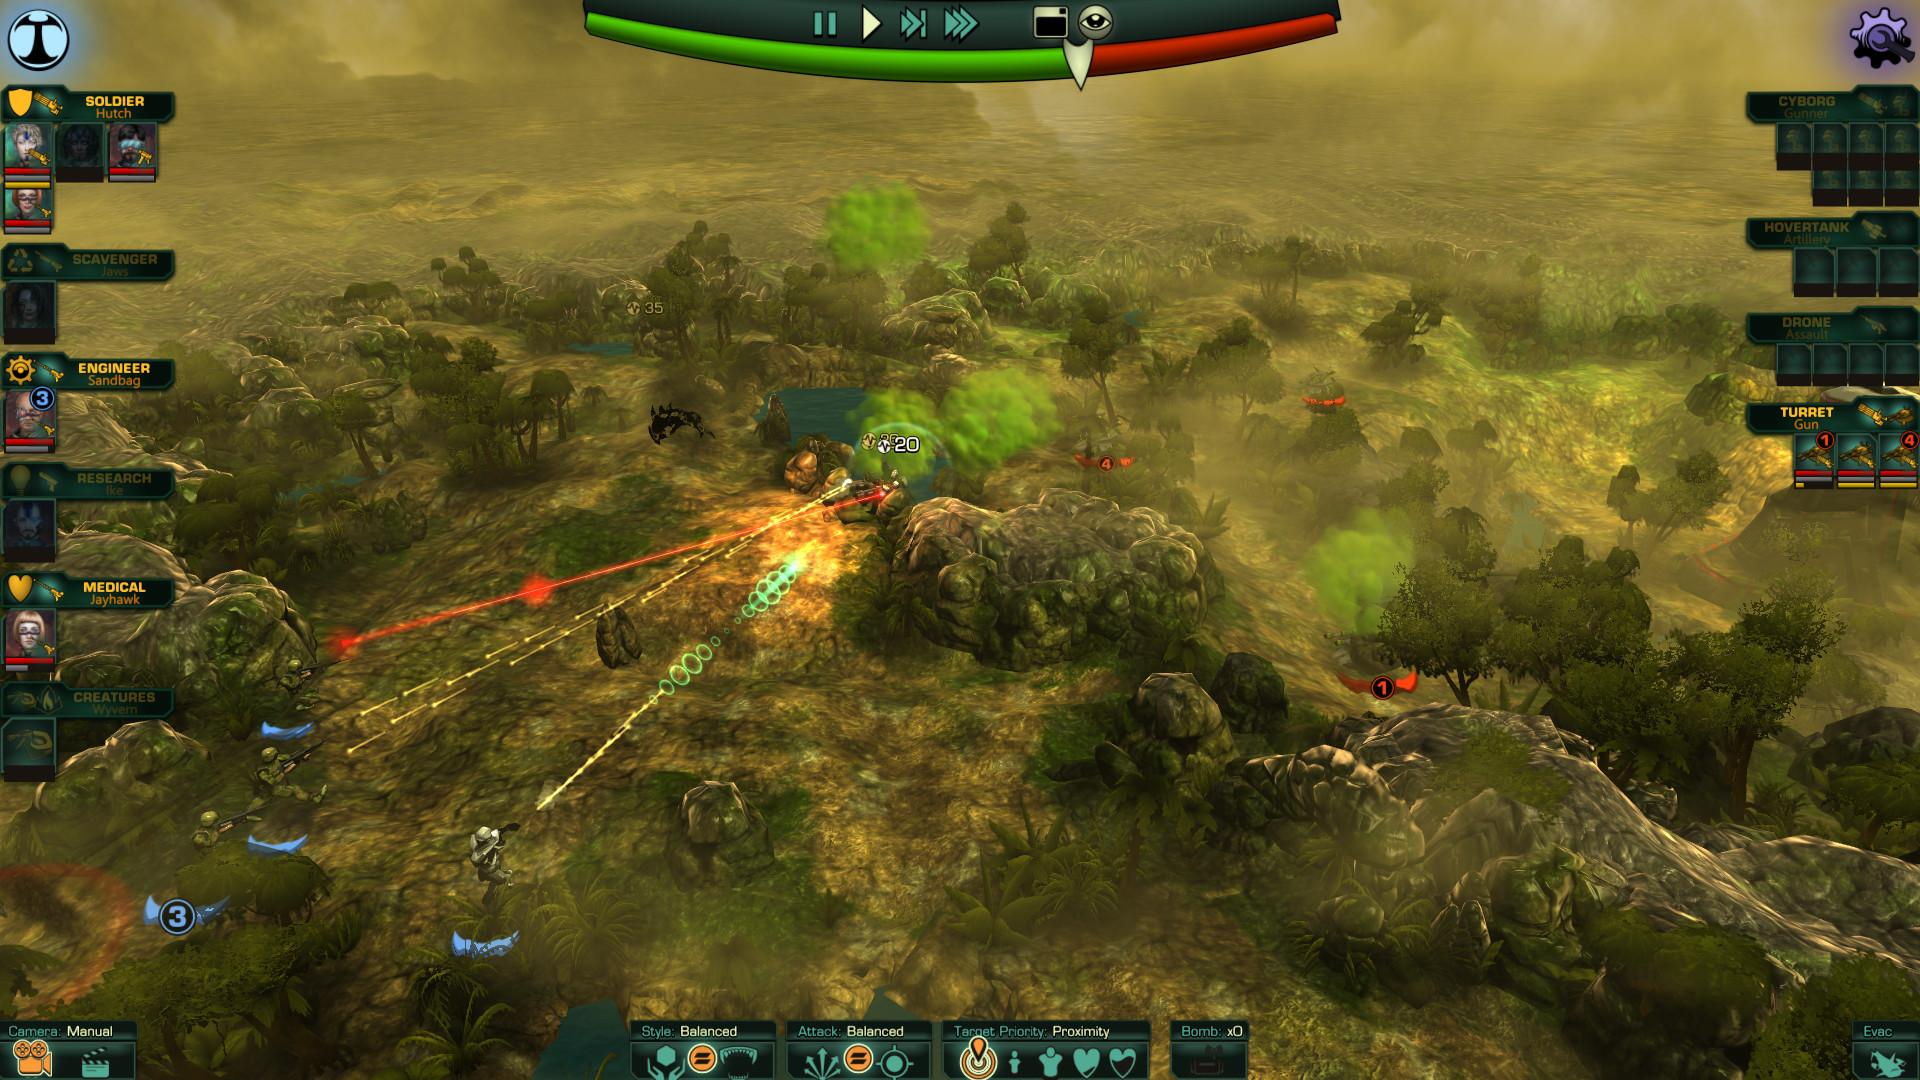 Tempest Citadel Screenshot 2